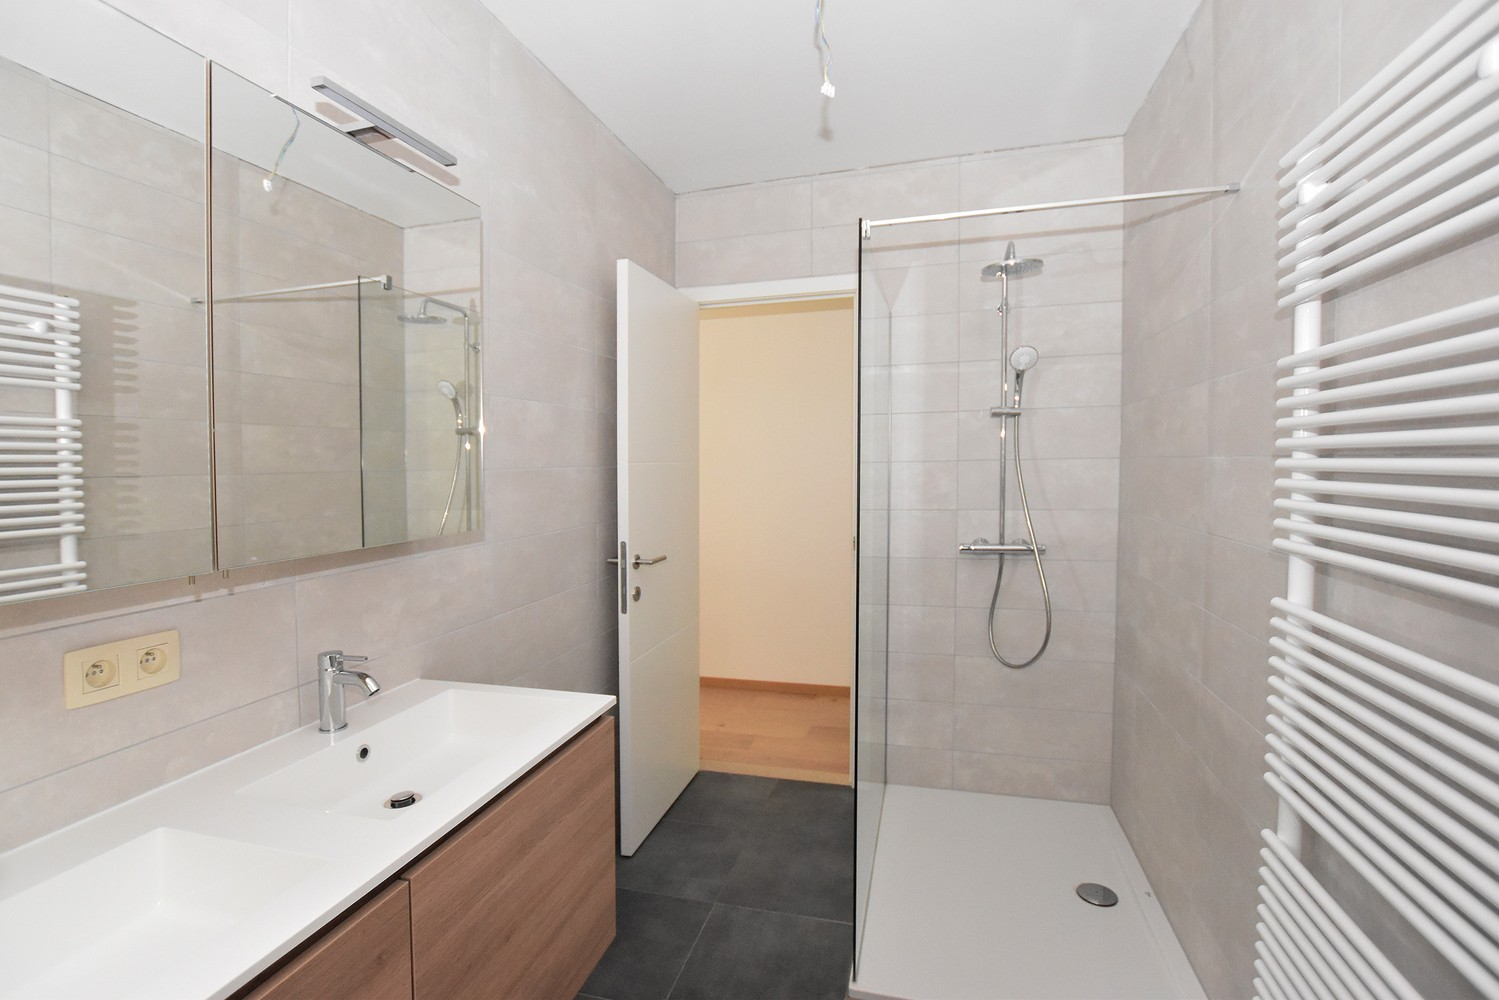 Gloednieuw, gelijkvloers appartement met 2 slaapkamers & autostaanplaats! afbeelding 4